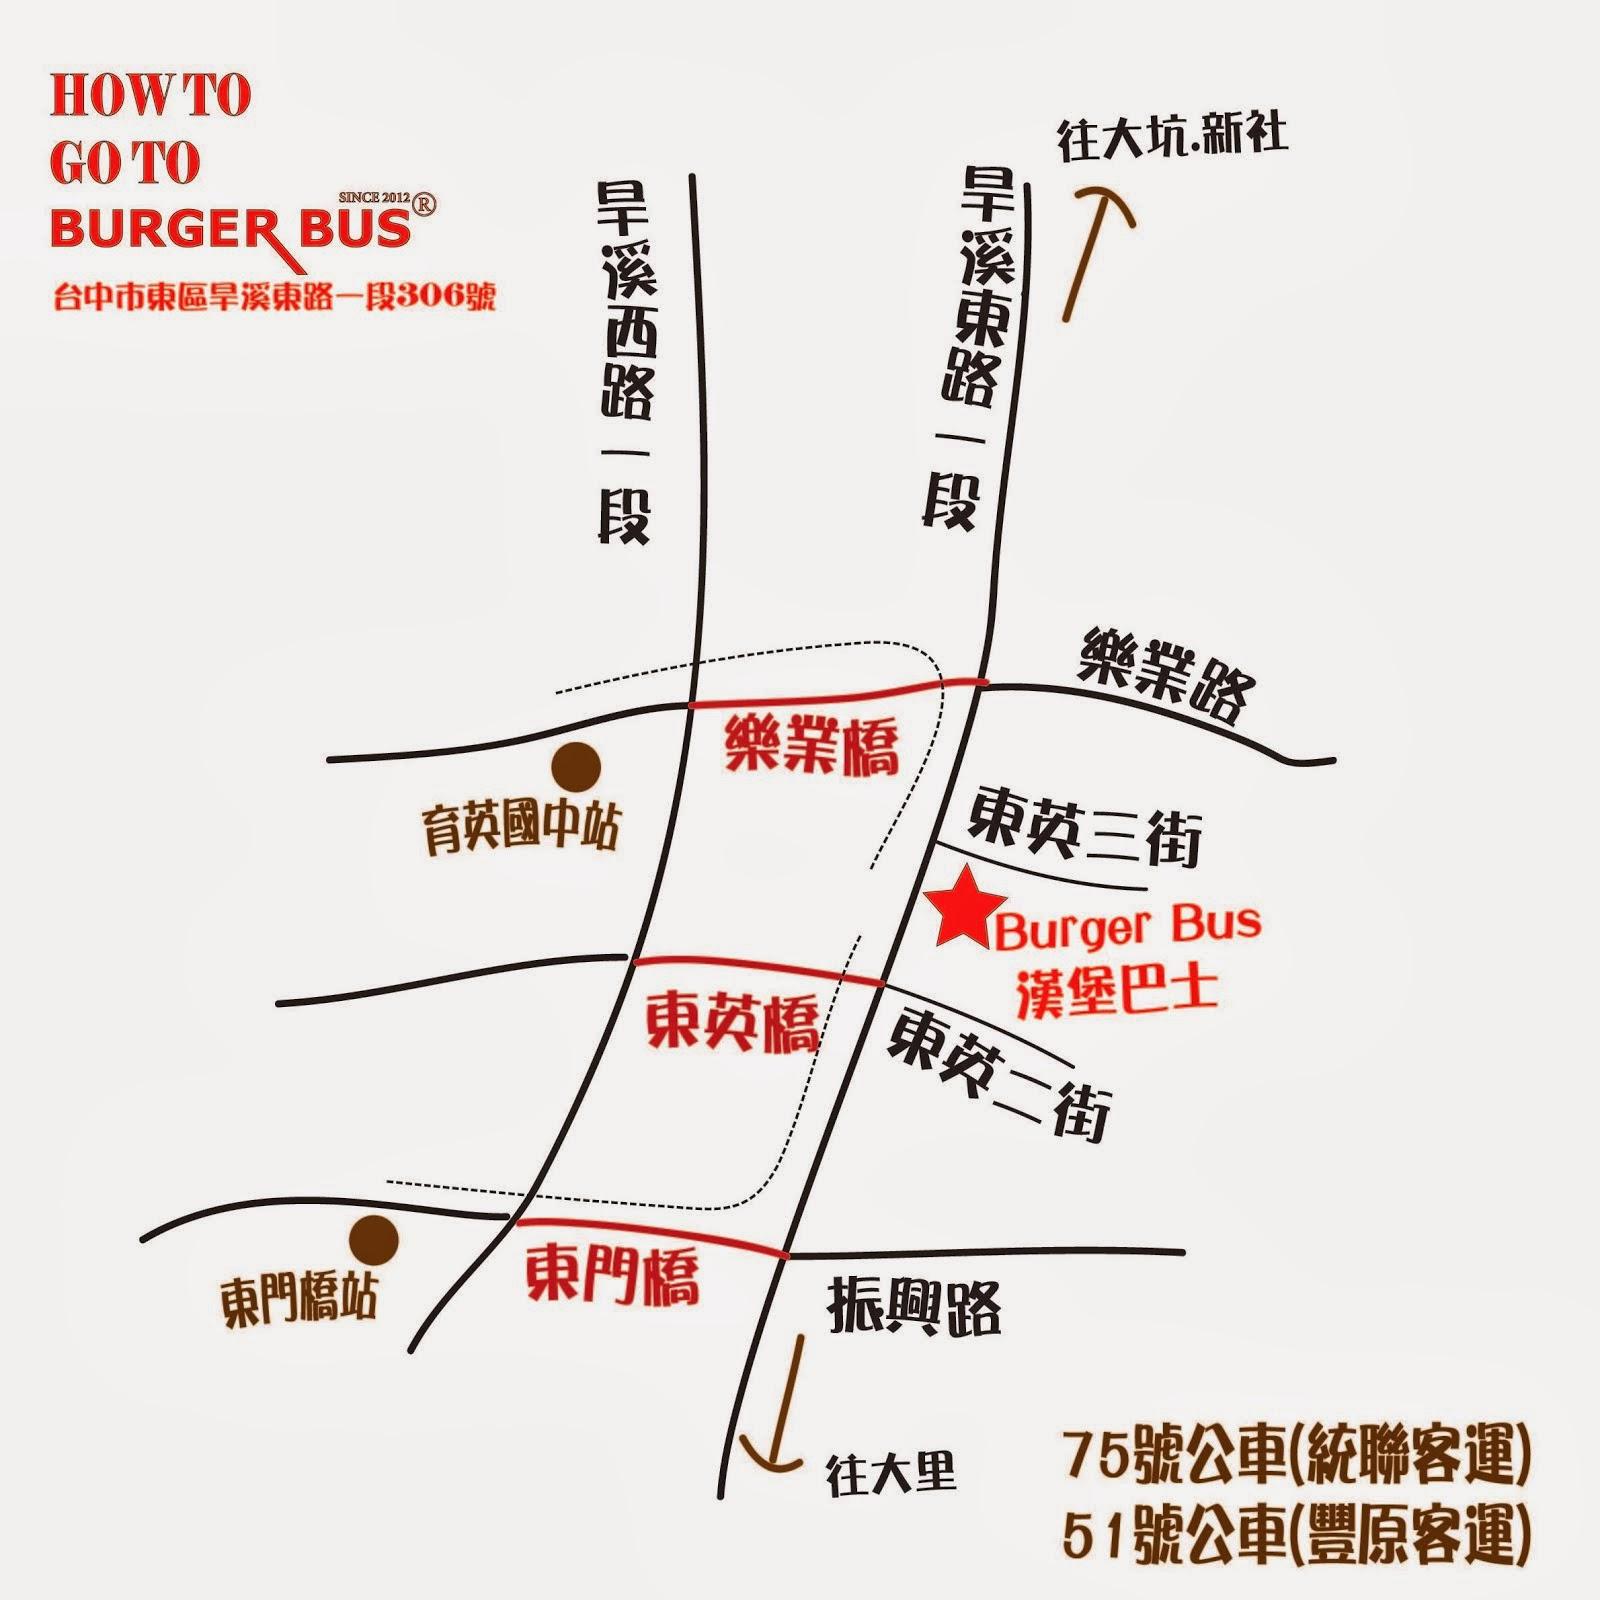 【交通資訊-搭乘公車】